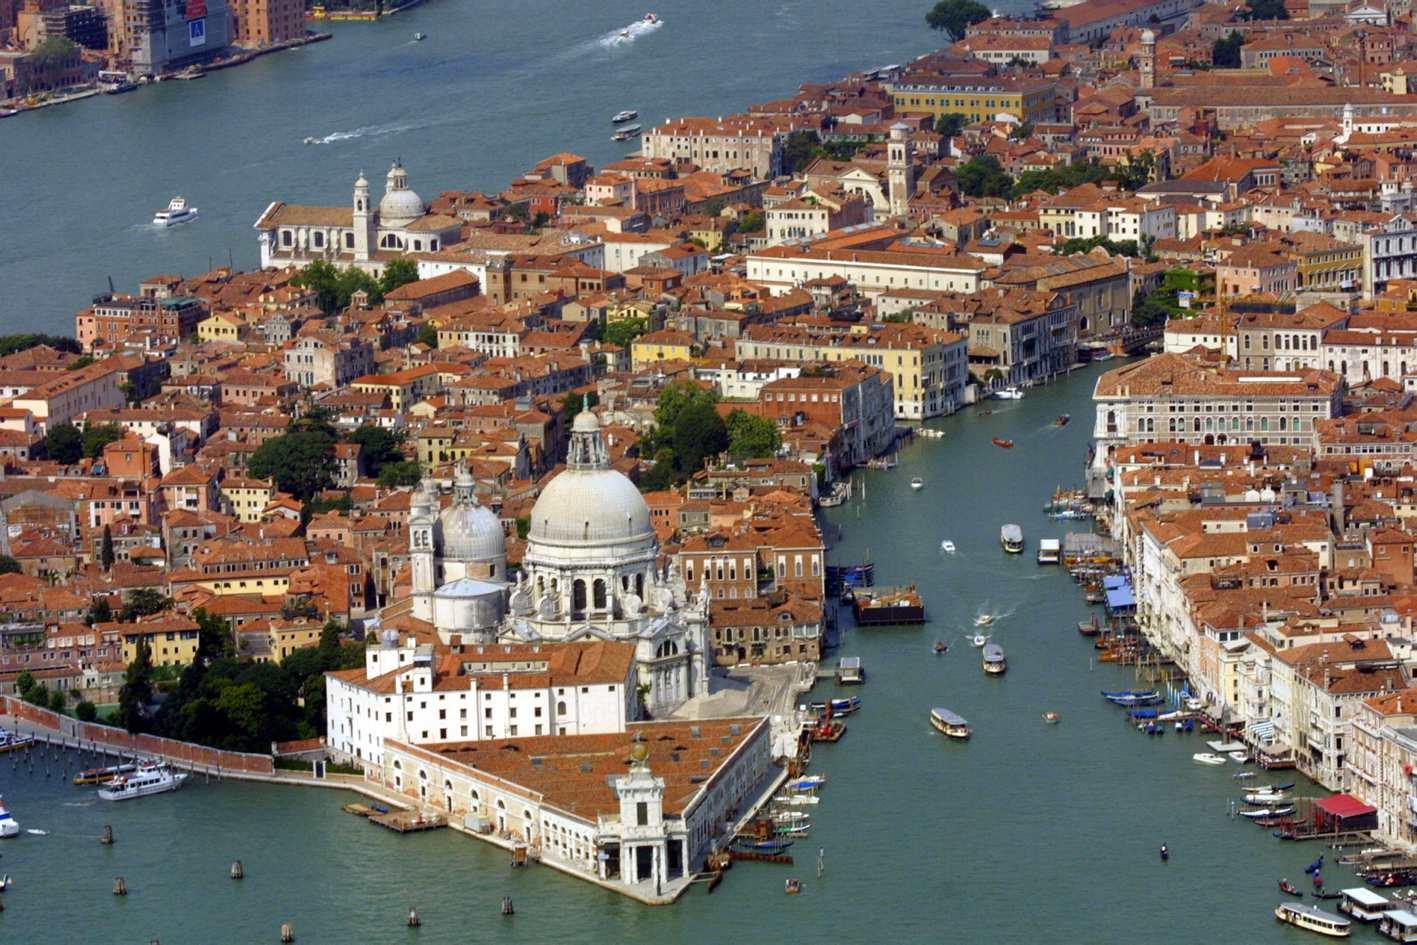 ASPPI Venezia: SOSTEGNO AI LOCATORI E LOCATARI DI ATTIVITA' PRODUTTIVE (Intesa con il Comune di Venezia)